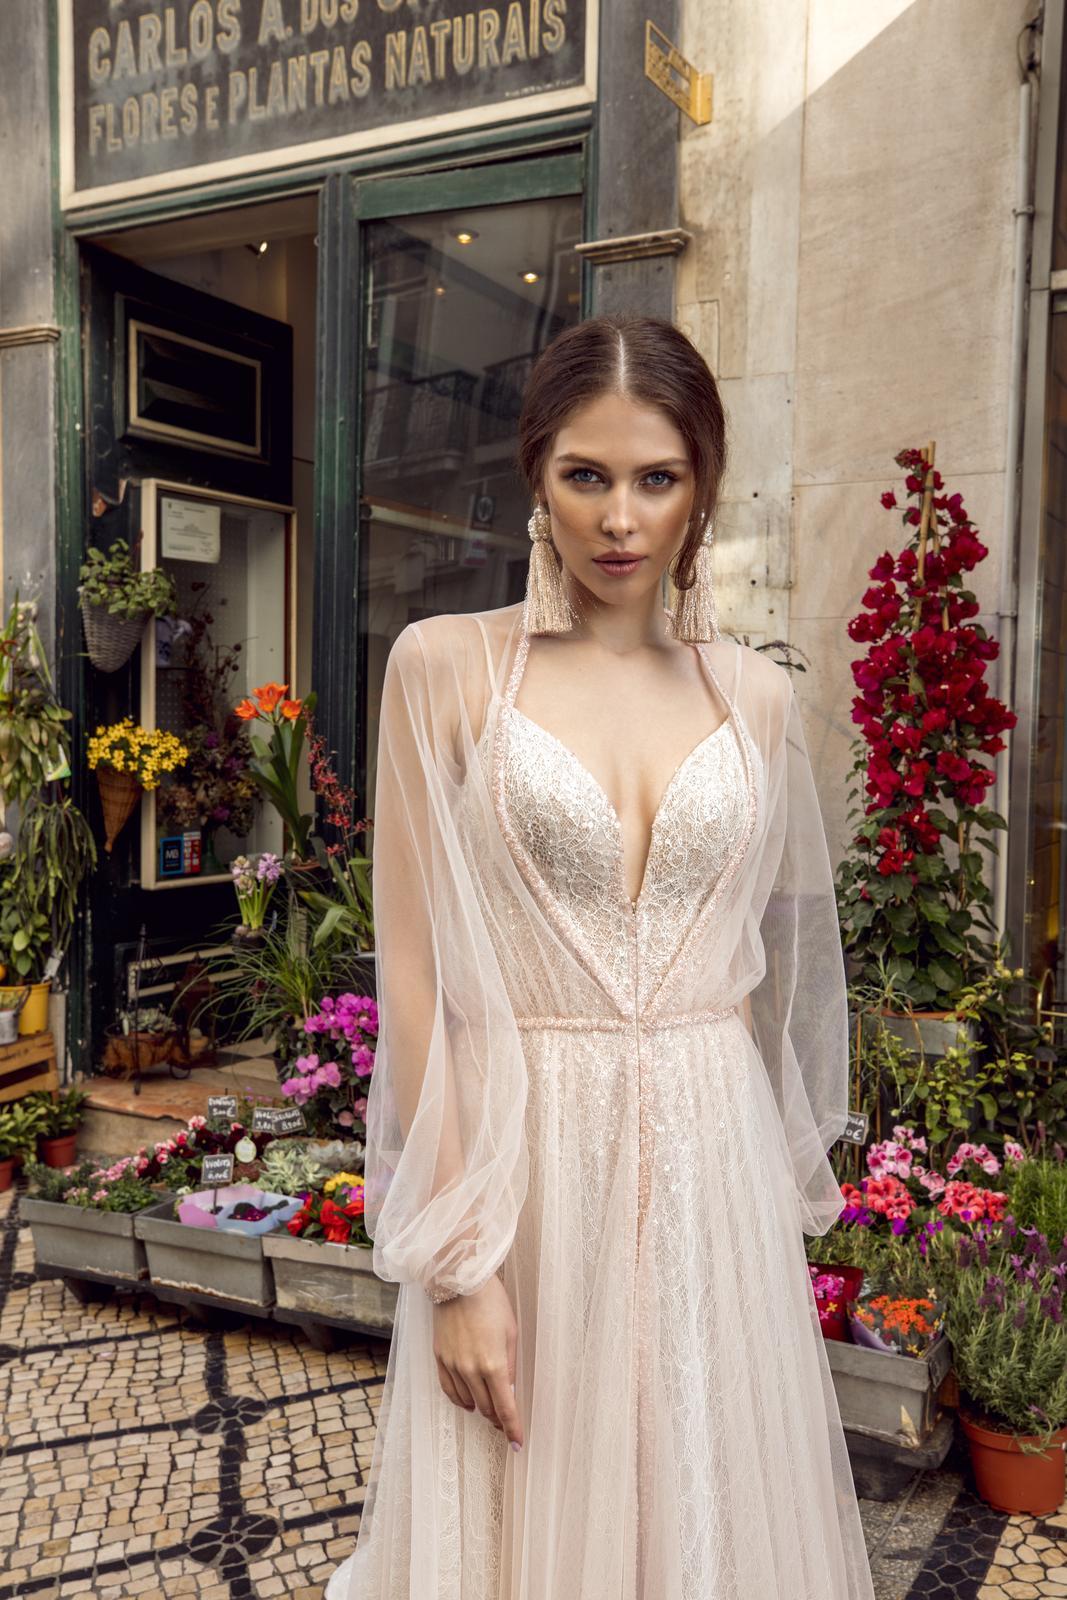 Svatební šaty Innocentia inspirované Lisabonem - Obrázek č. 6